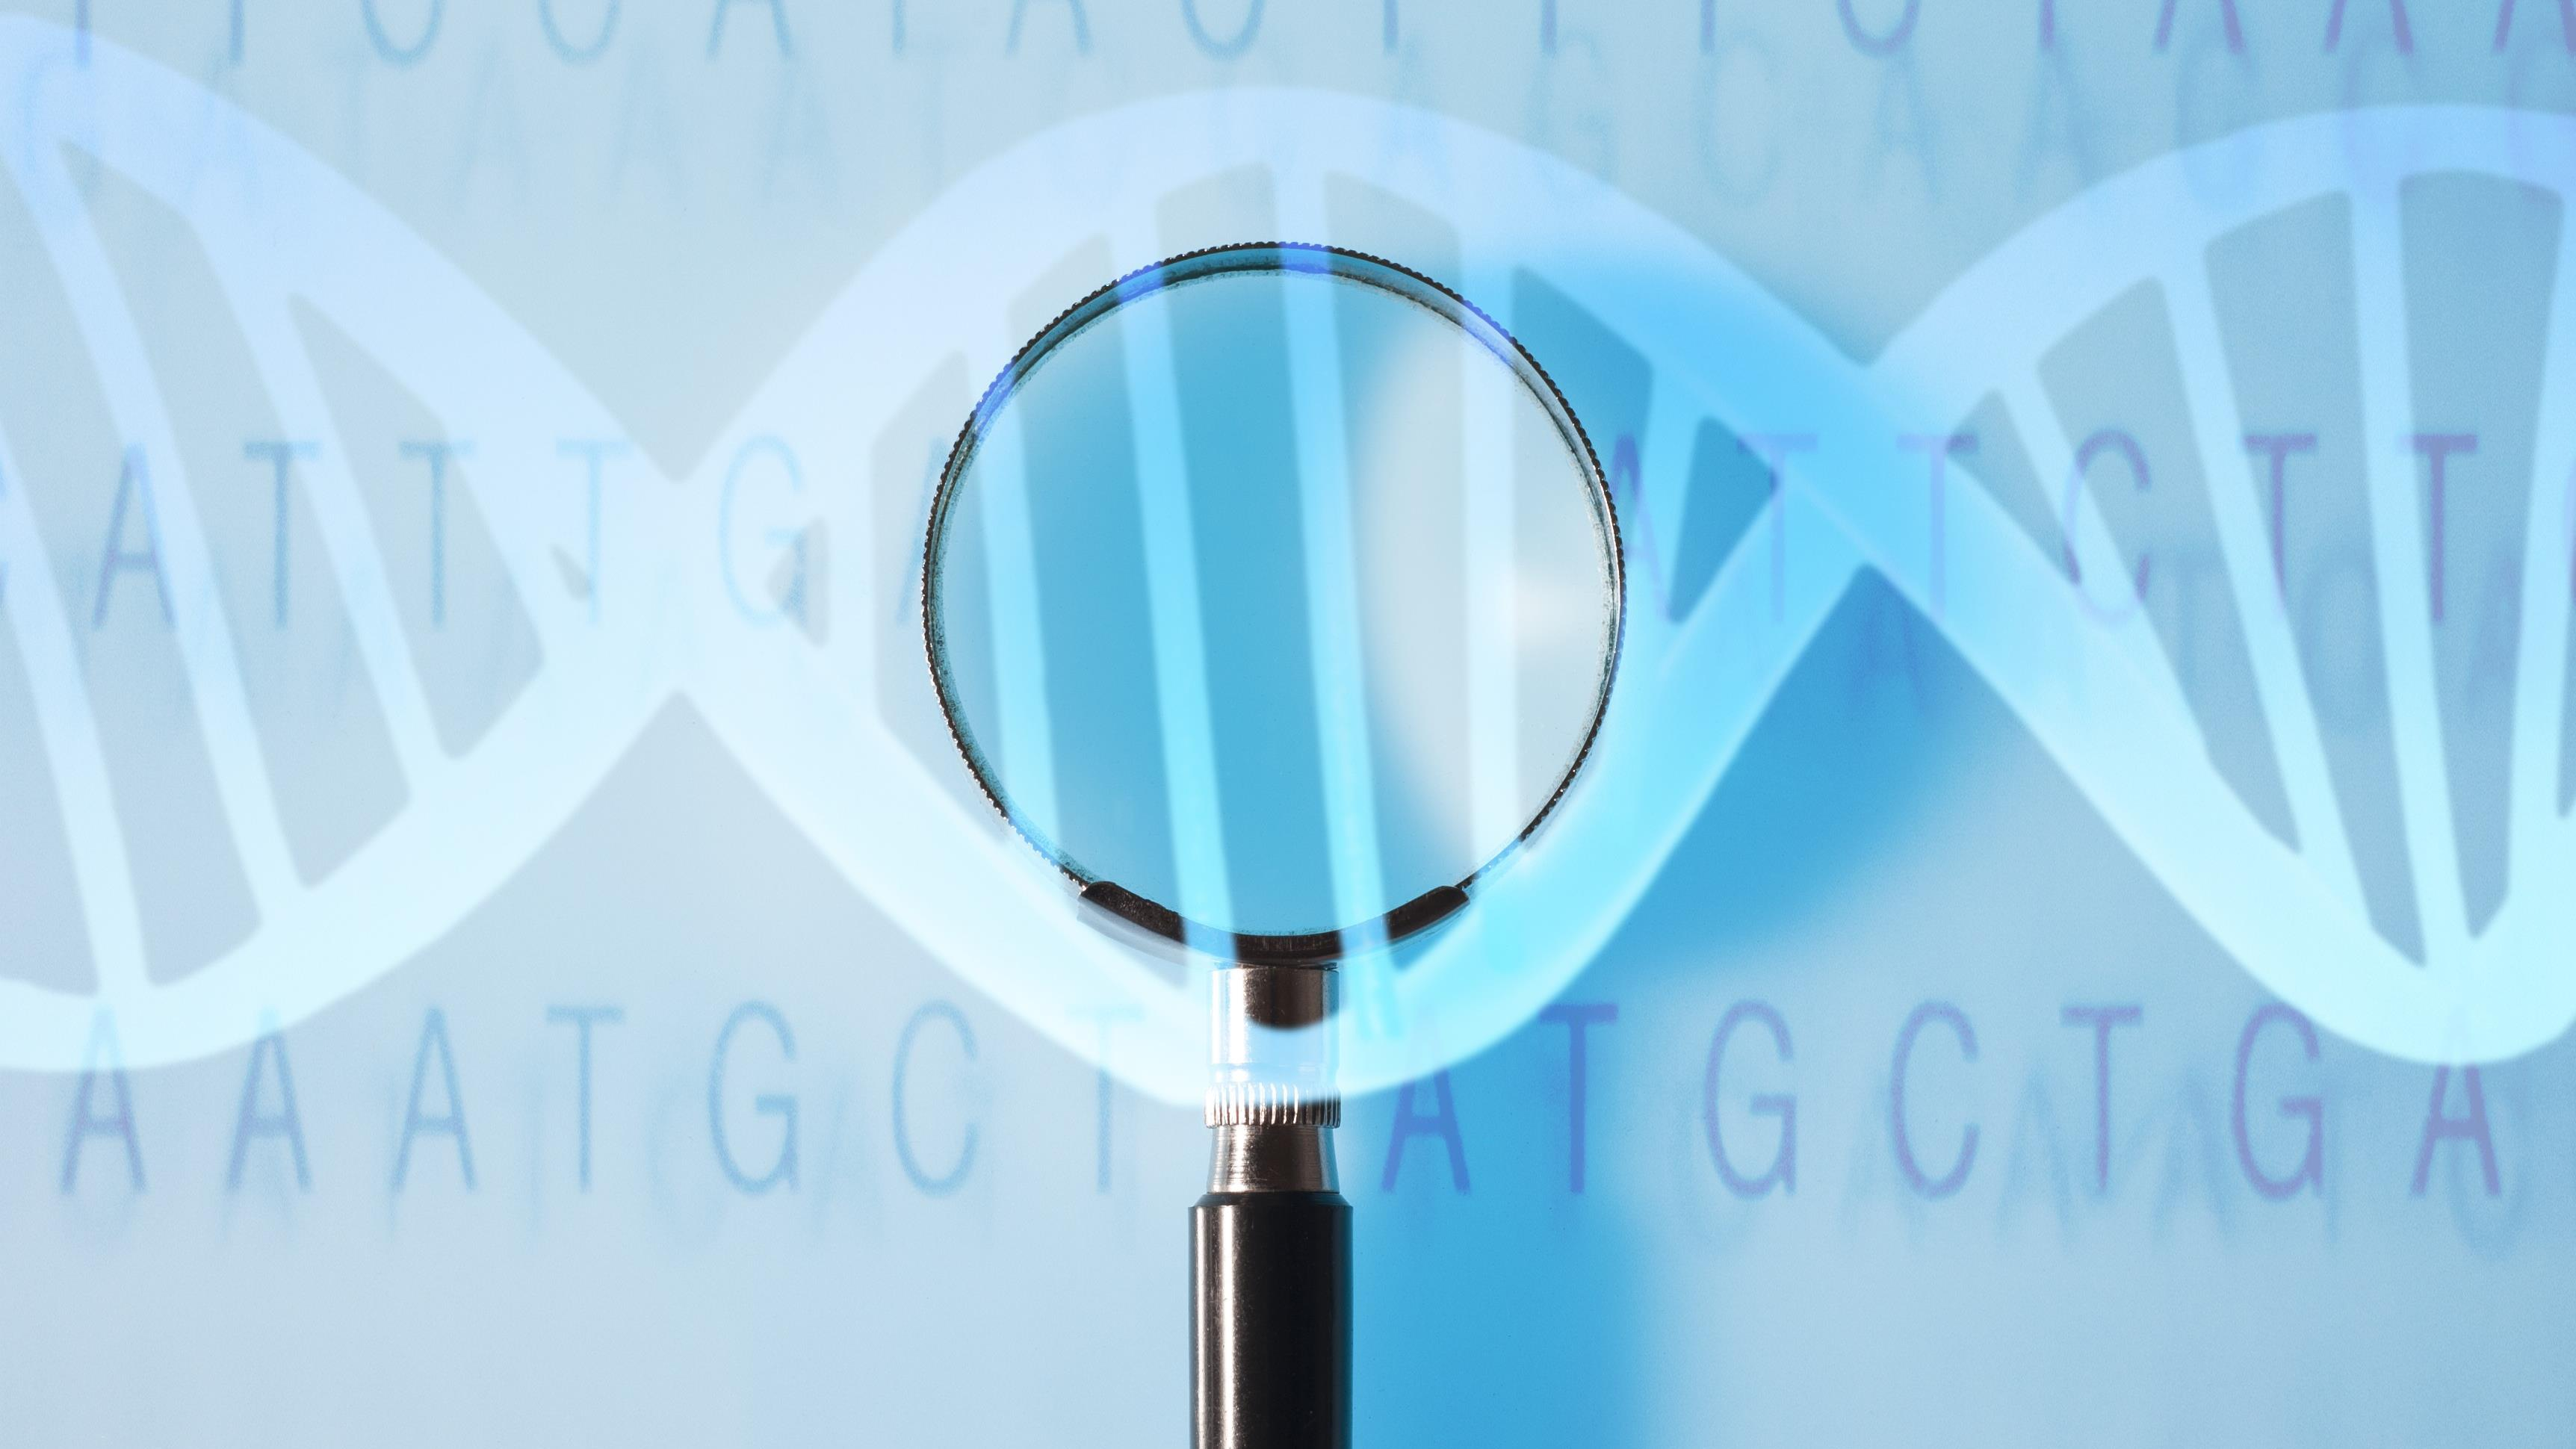 Találtak egy elhízást okozó génmutációt